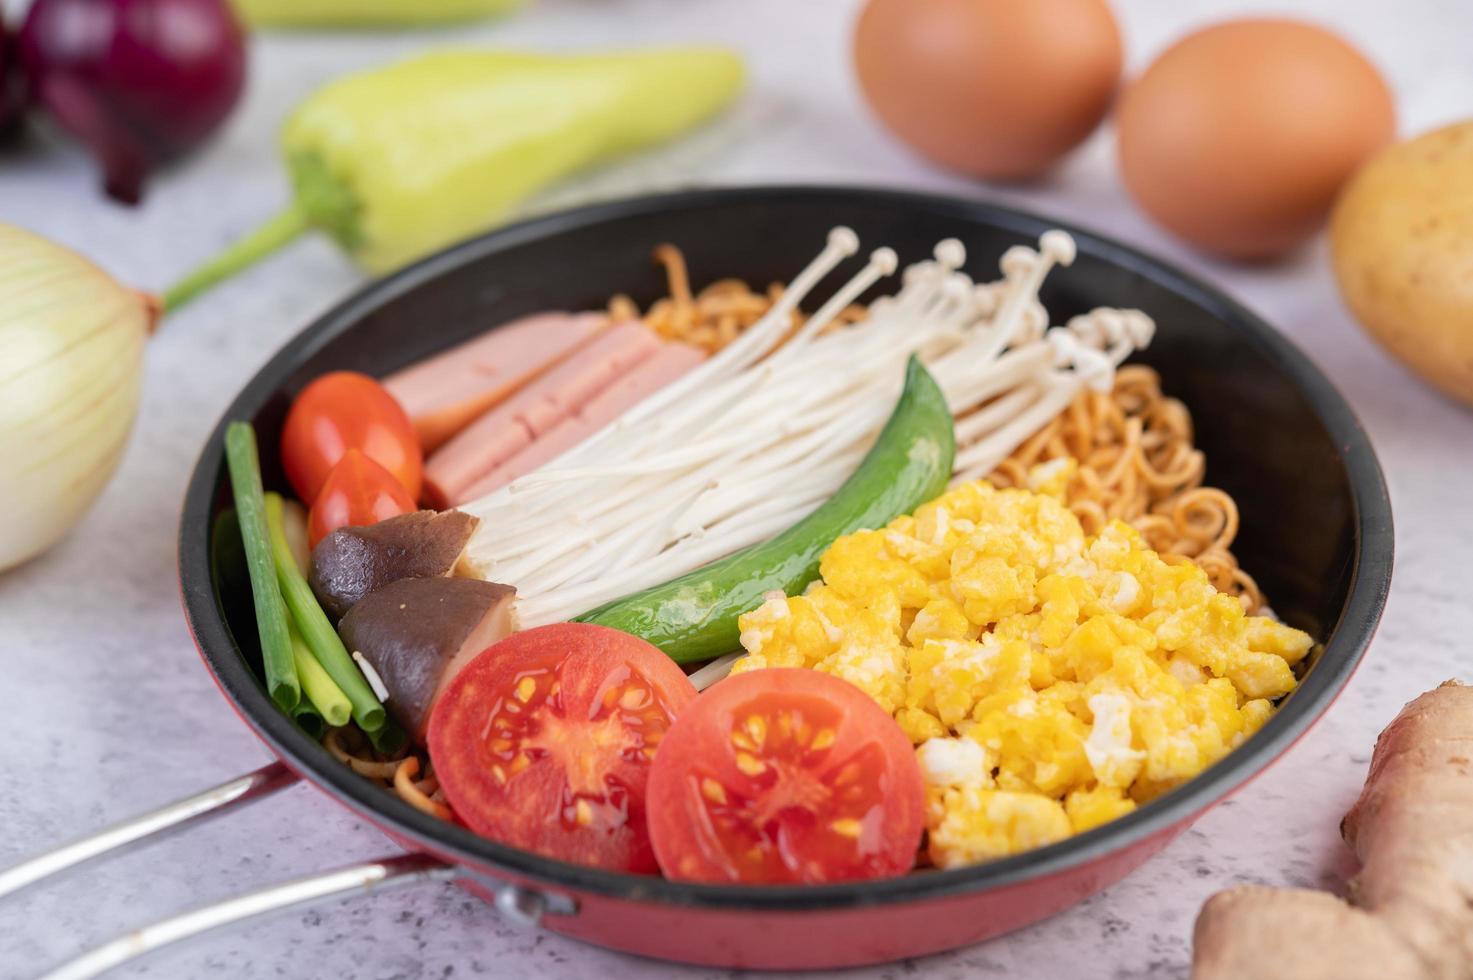 macarrão frito com milho, cogumelo dourado, tomate, linguiça e edamame foto